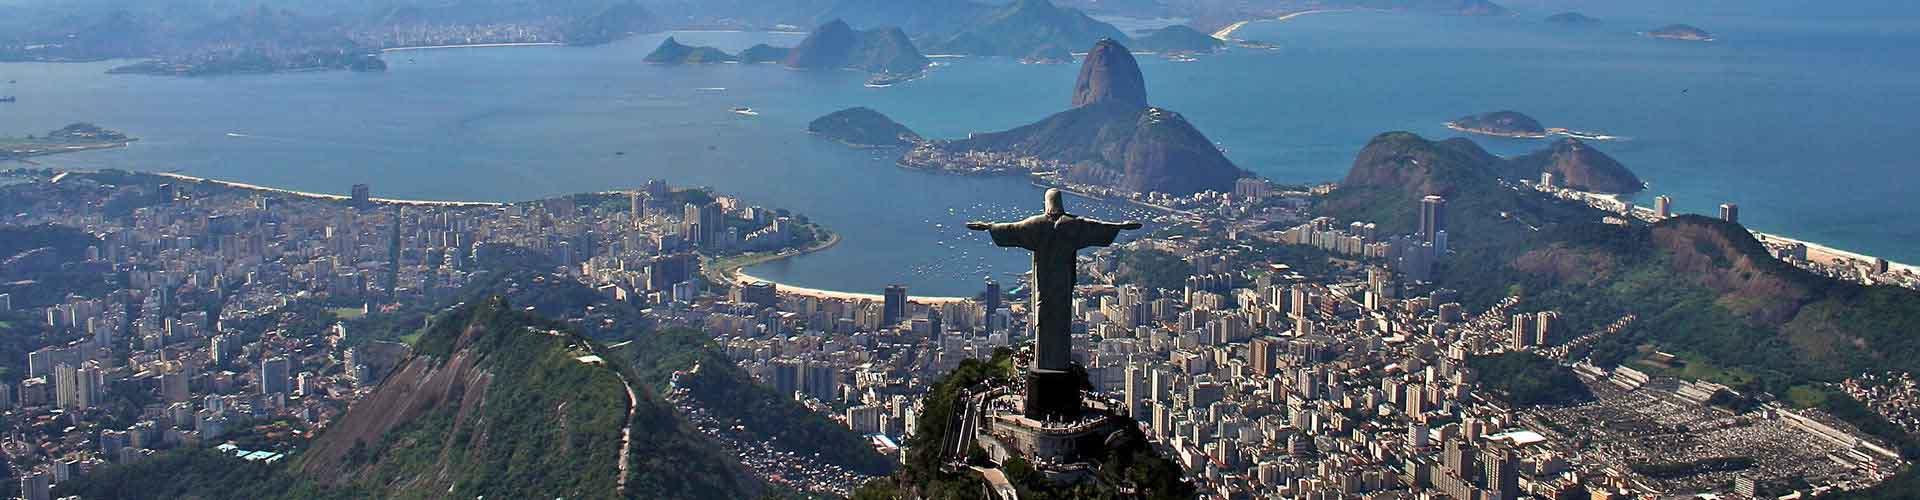 Rio de Janeiro – Huoneistot lähellä maamerkkiä Santos Dumont lentokenttä. Rio de Janeiro -karttoja, valokuvia ja arvosteluja kaikista Rio de Janeiro -huoneistoista.